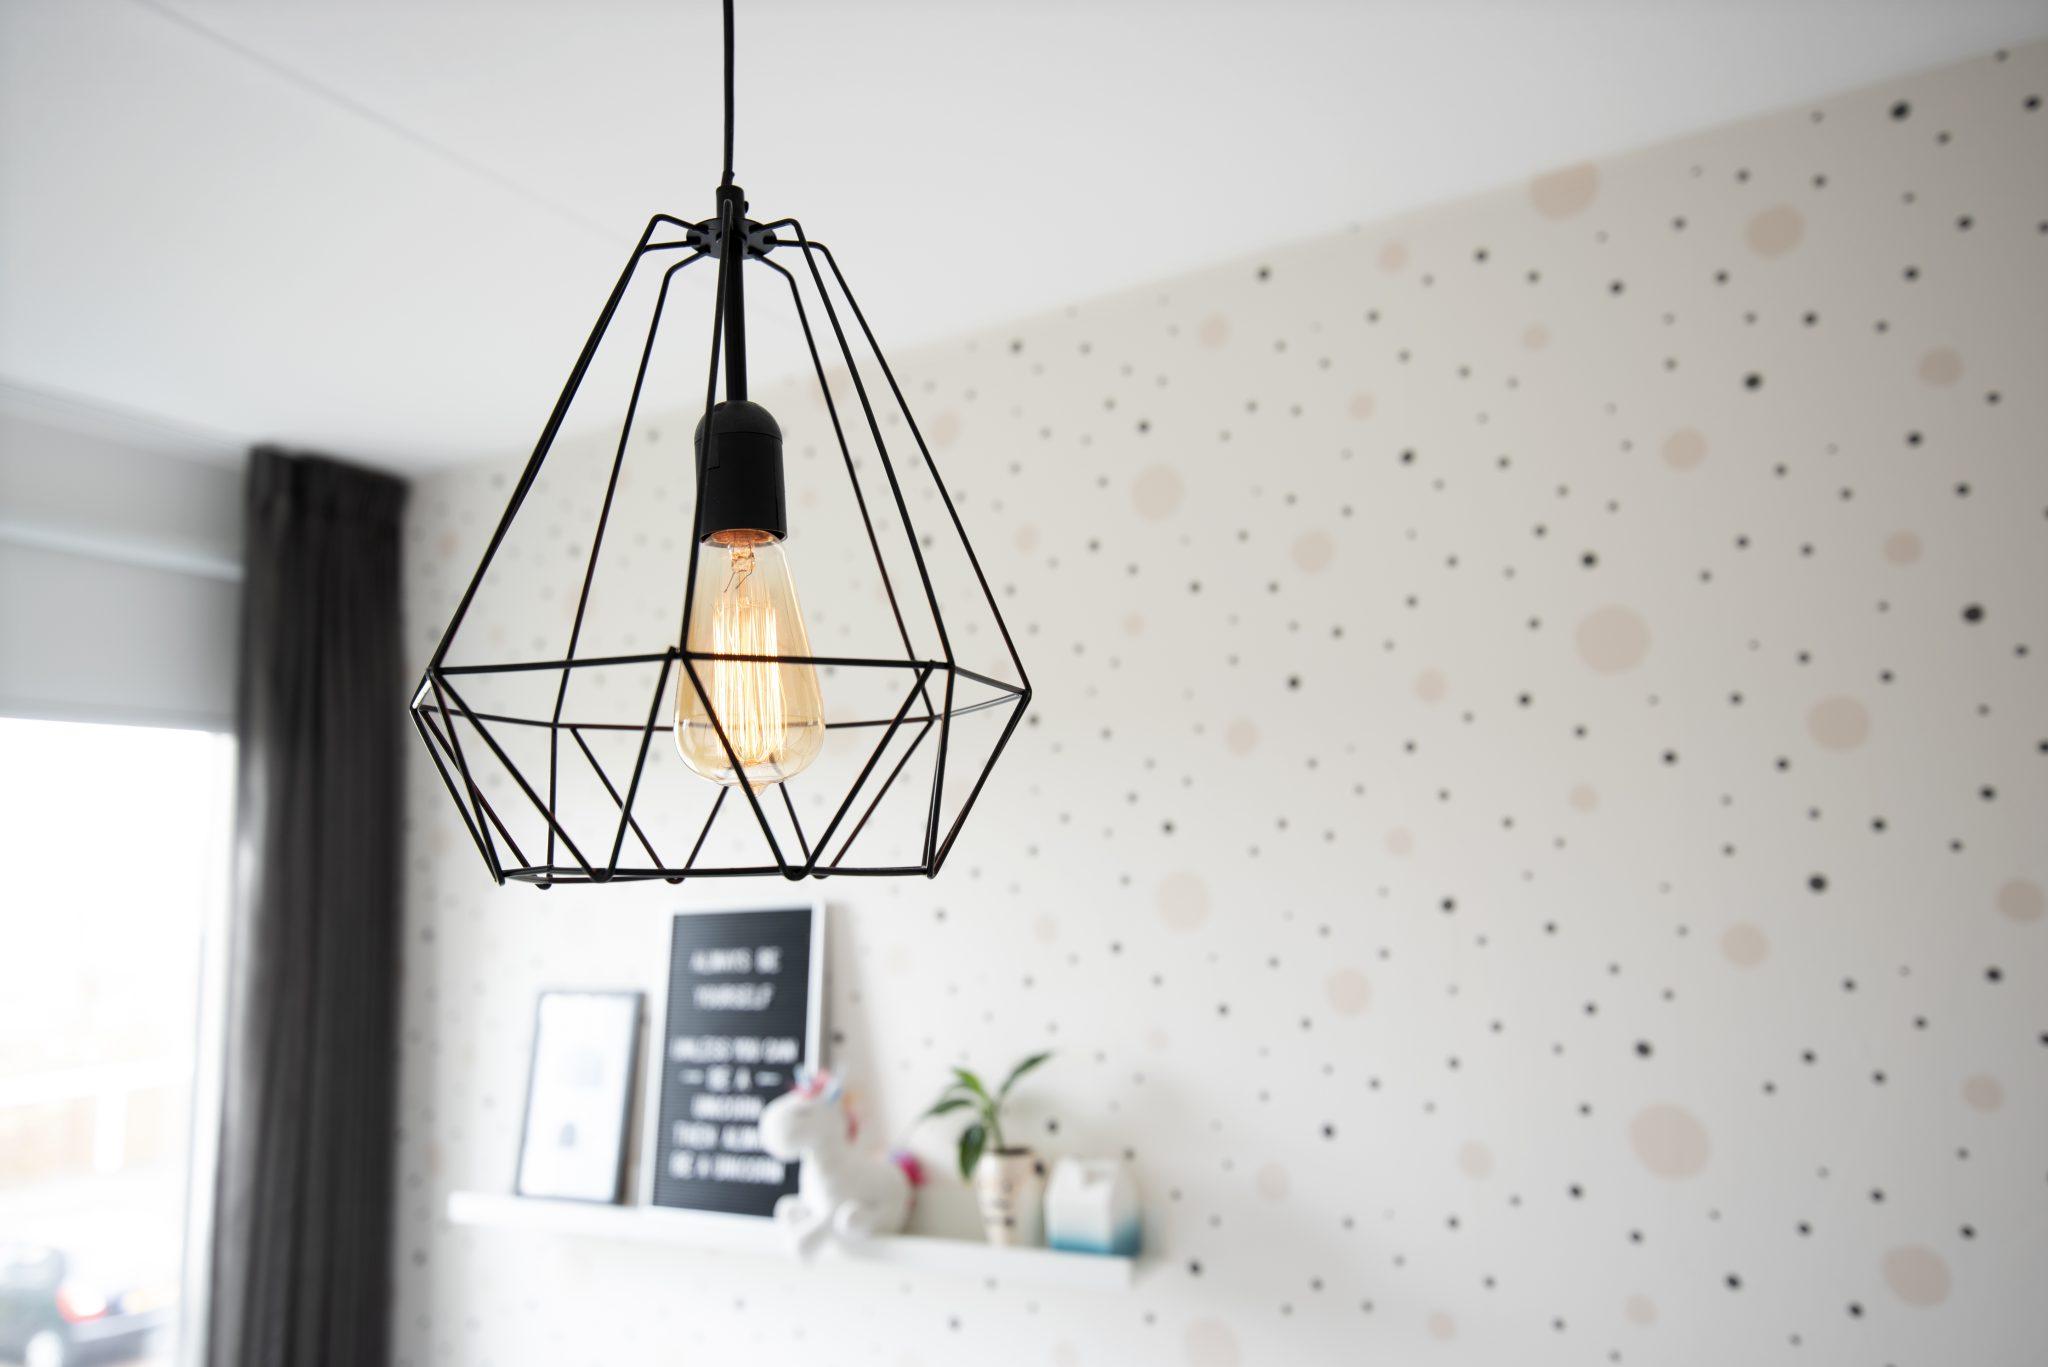 Draadlamp_sfeer_interieur_styling